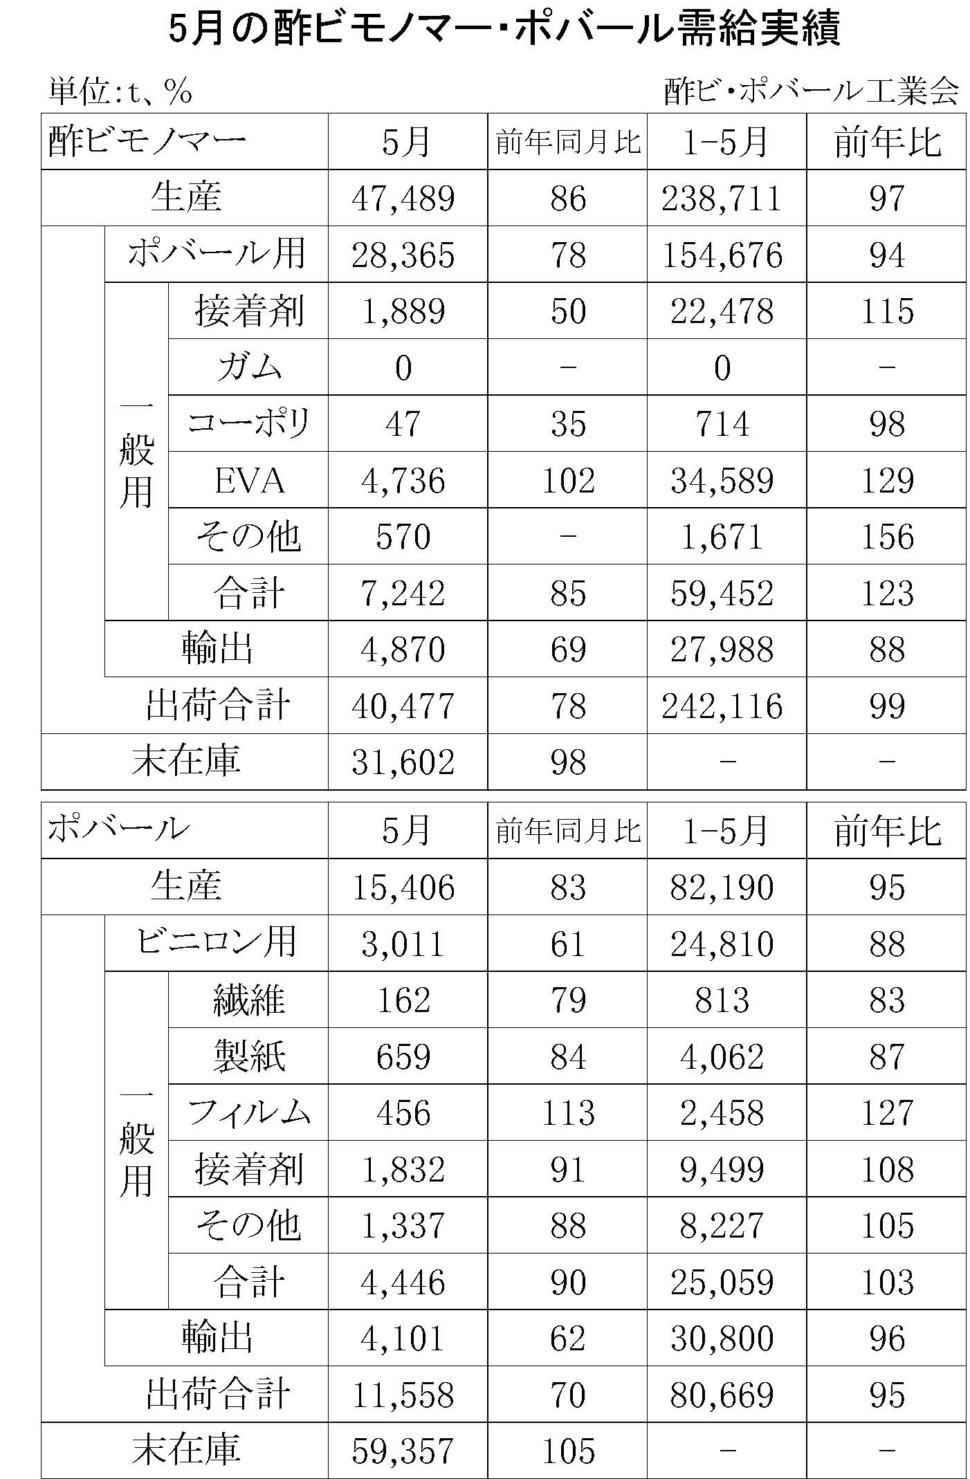 5月の酢ビモノマー・ポバール需給実績